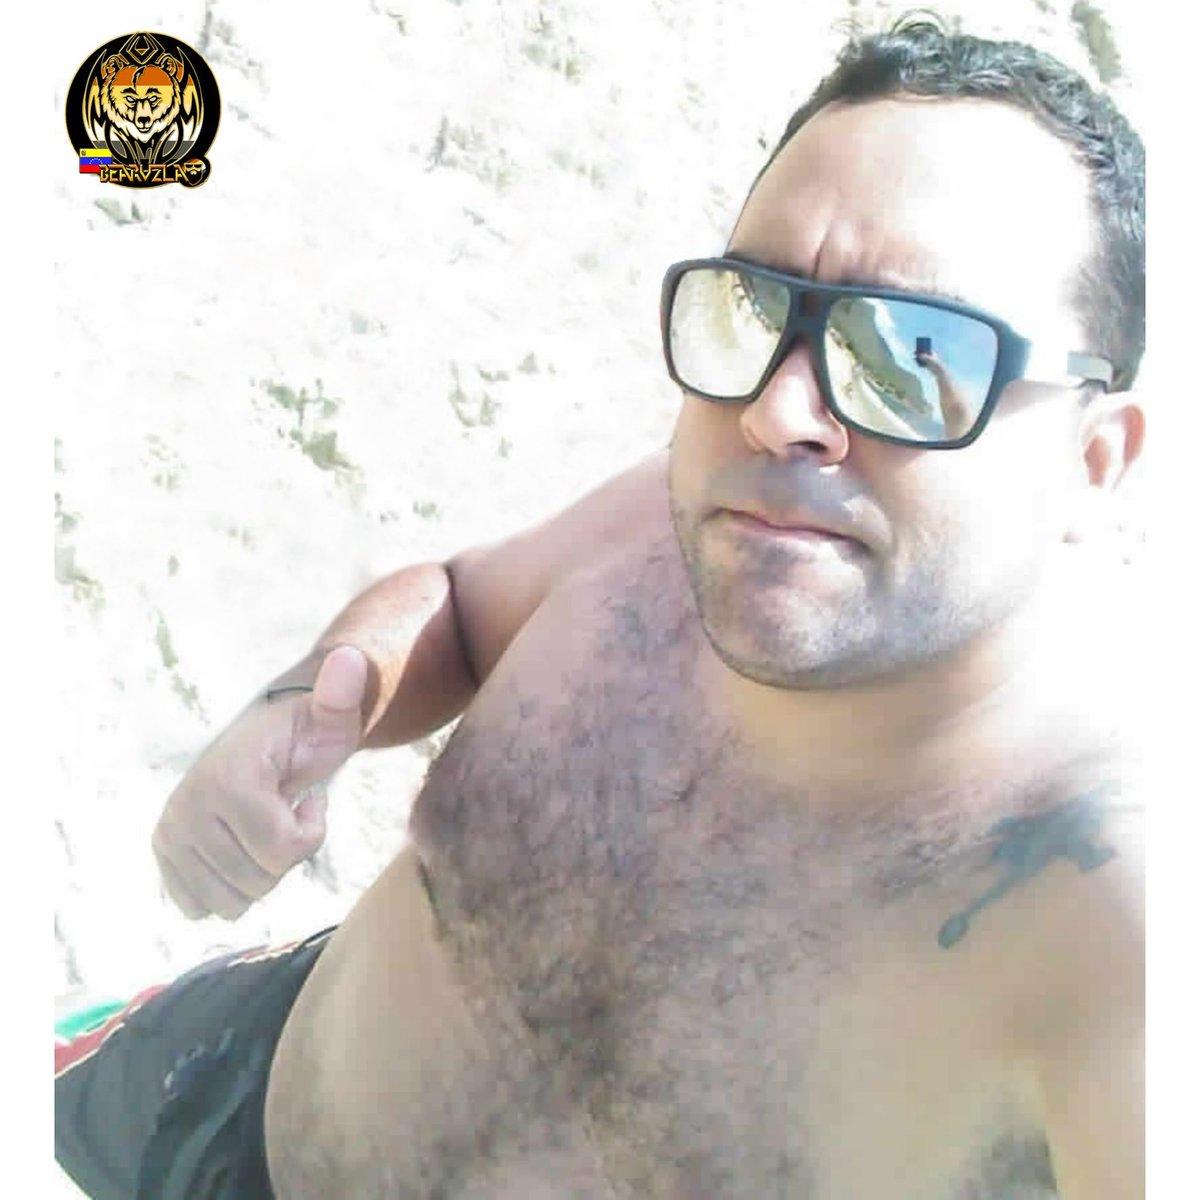 ☆ Foto Cortesia @manujm2020 ☆  De #caracas #venezuela#beardstyle #bearcub #BearsVzla #beard  Si quieres aparecer en nuestra Galería de Osos, Solo debes escribirnos al Privado  a través de nuestra cuenta de #instagram @bearsvzlapic.twitter.com/FJZpsOGH8S